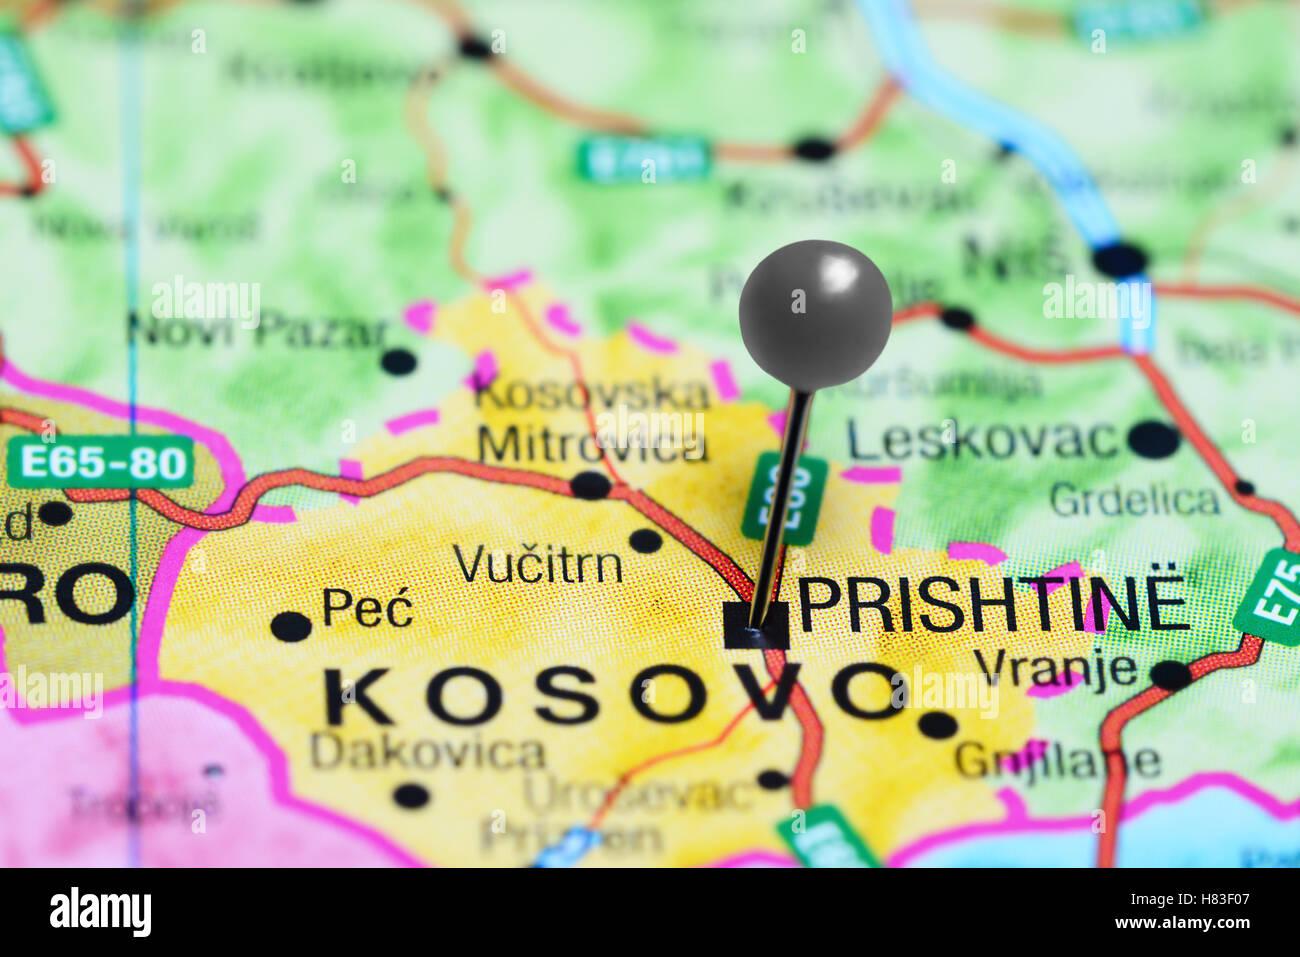 Pristina, fixiert auf einer Karte von Kosovo Stockbild